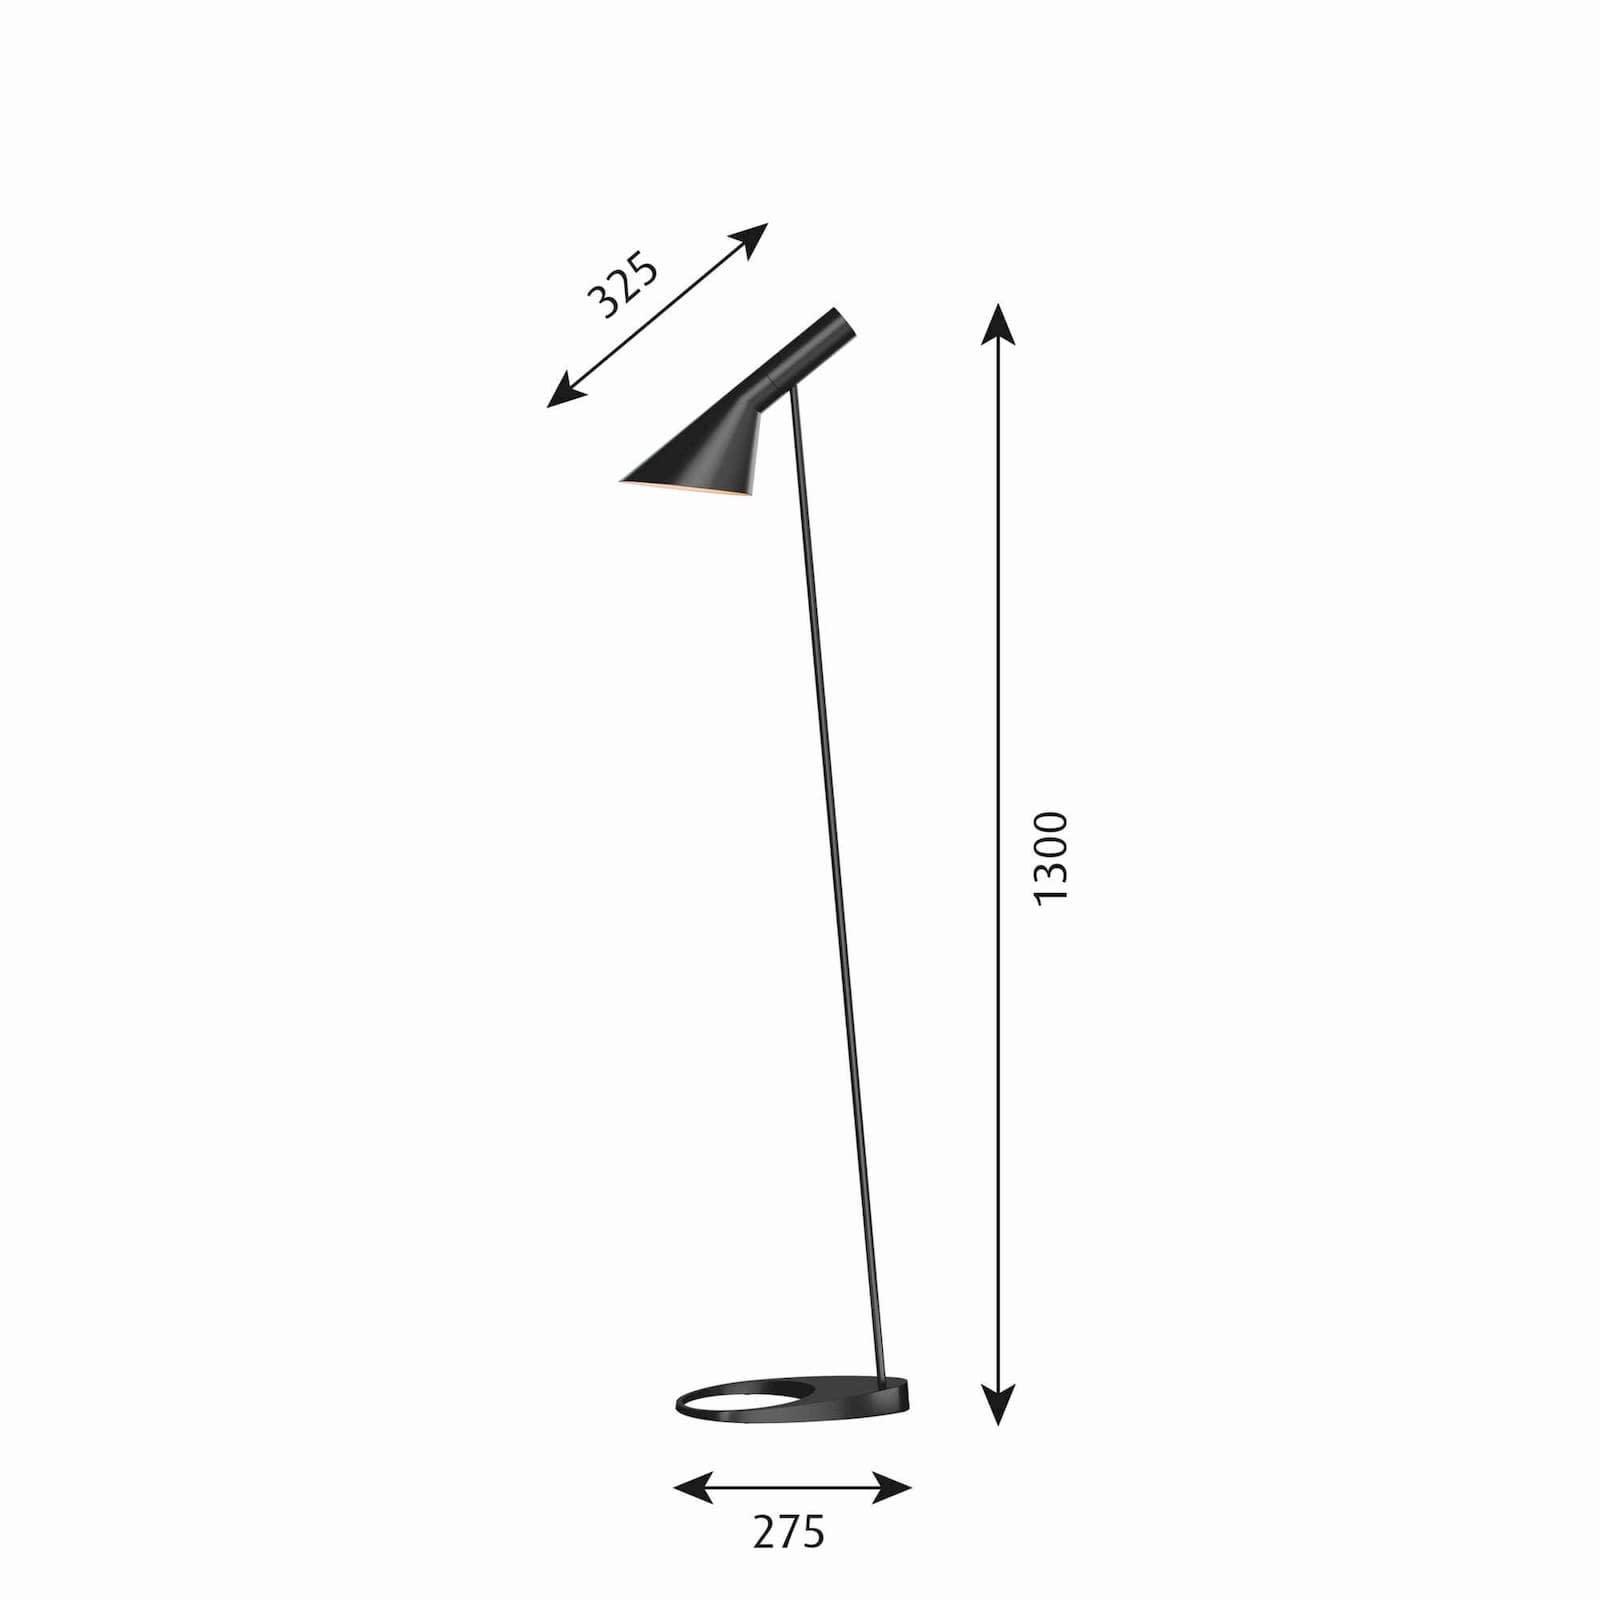 louis-poulsen-aj-lamp-dimensions